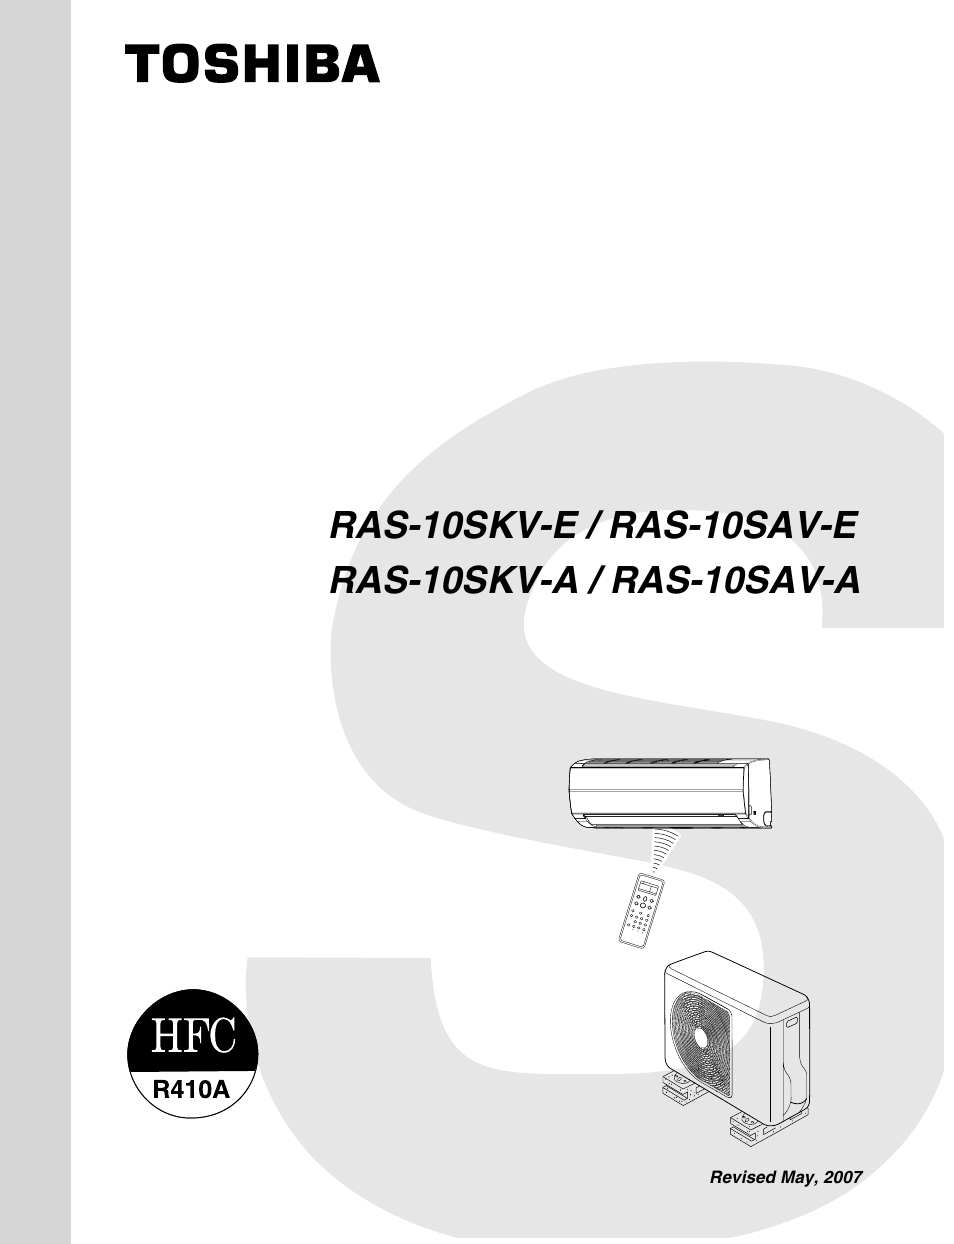 toshiba ras 10skv a user manual 94 pages also for ras 10skv e rh manualsdir com GE Air Conditioners Wall Units GE Air Conditioners Wall Units